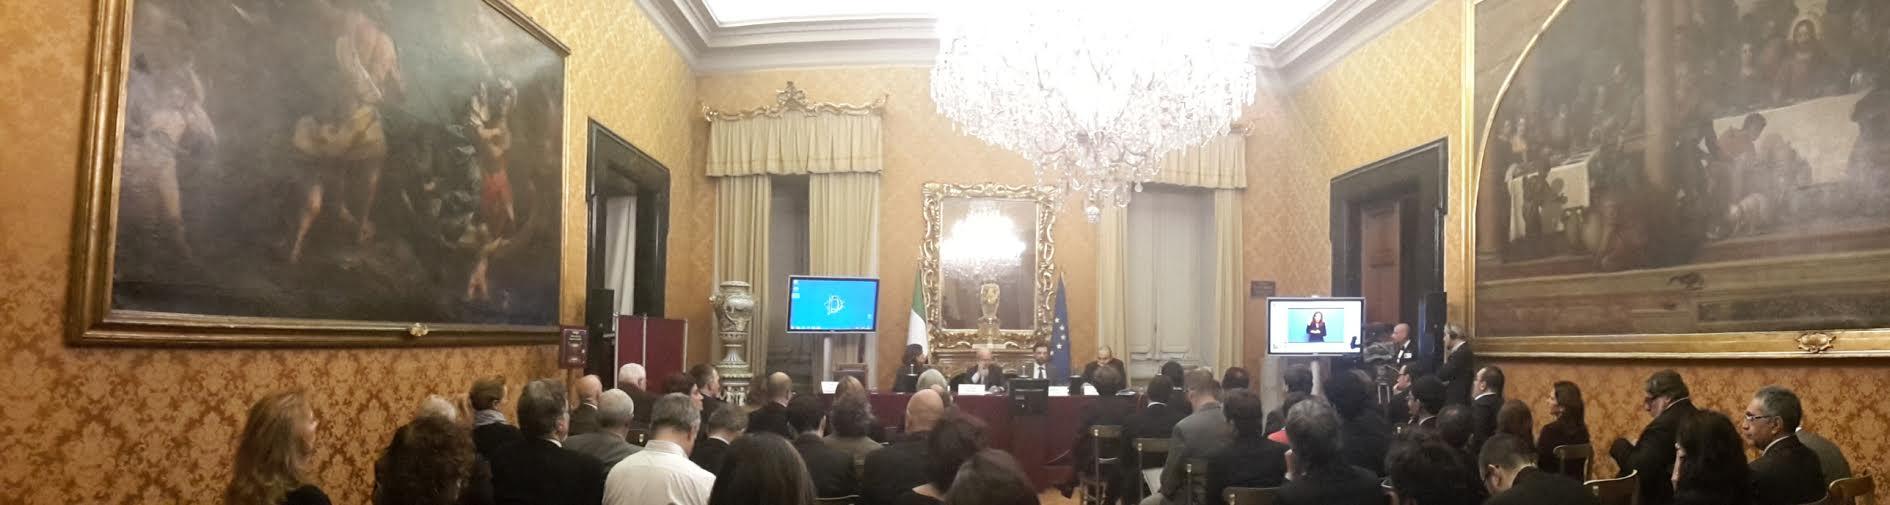 Veasyt live stato utilizzato al parlamento italiano for Lavorare al parlamento italiano